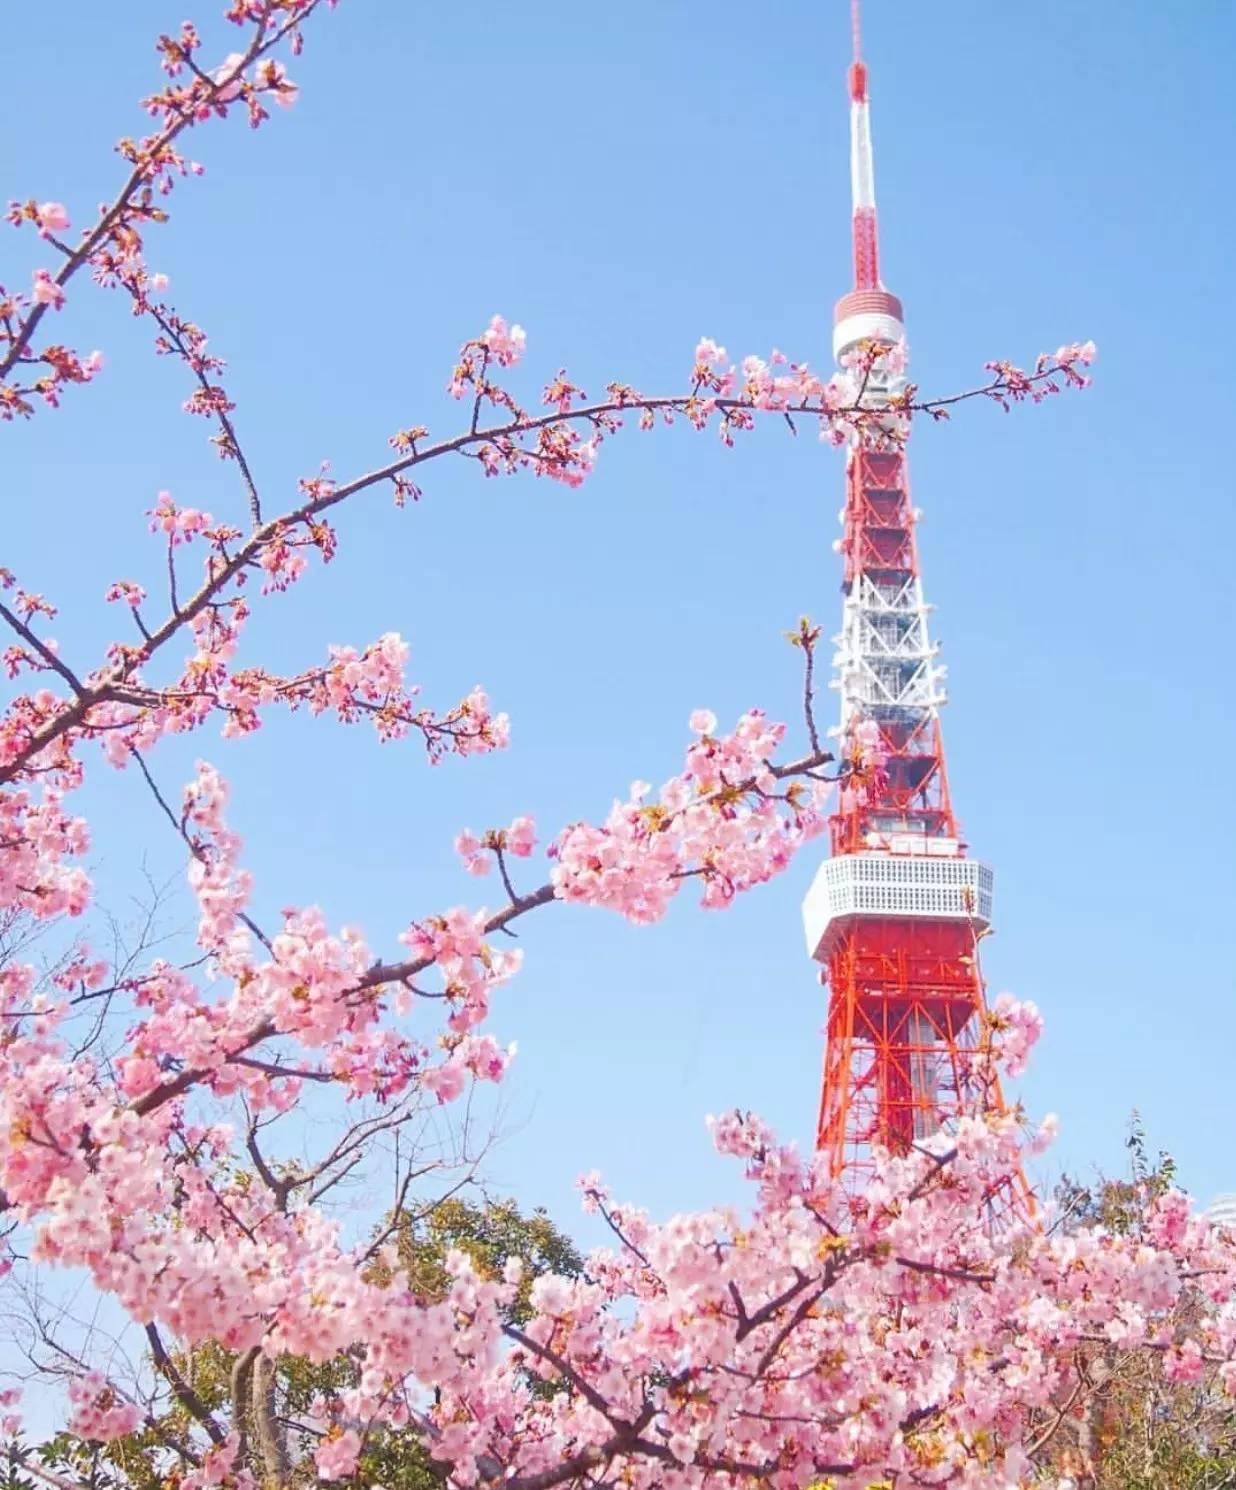 2017年日本樱花观赏指南,从南到北踩点去